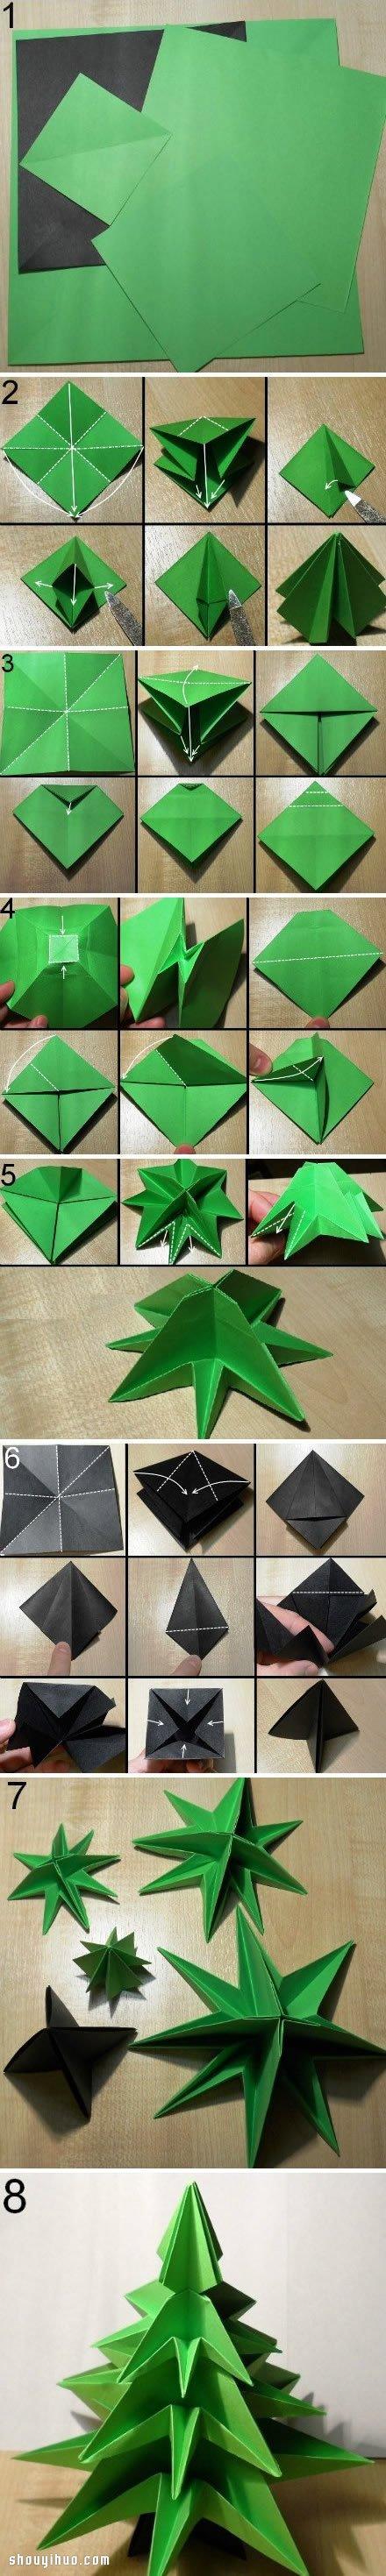 聖誕樹的折法圖解 手工摺紙製作聖誕樹教學